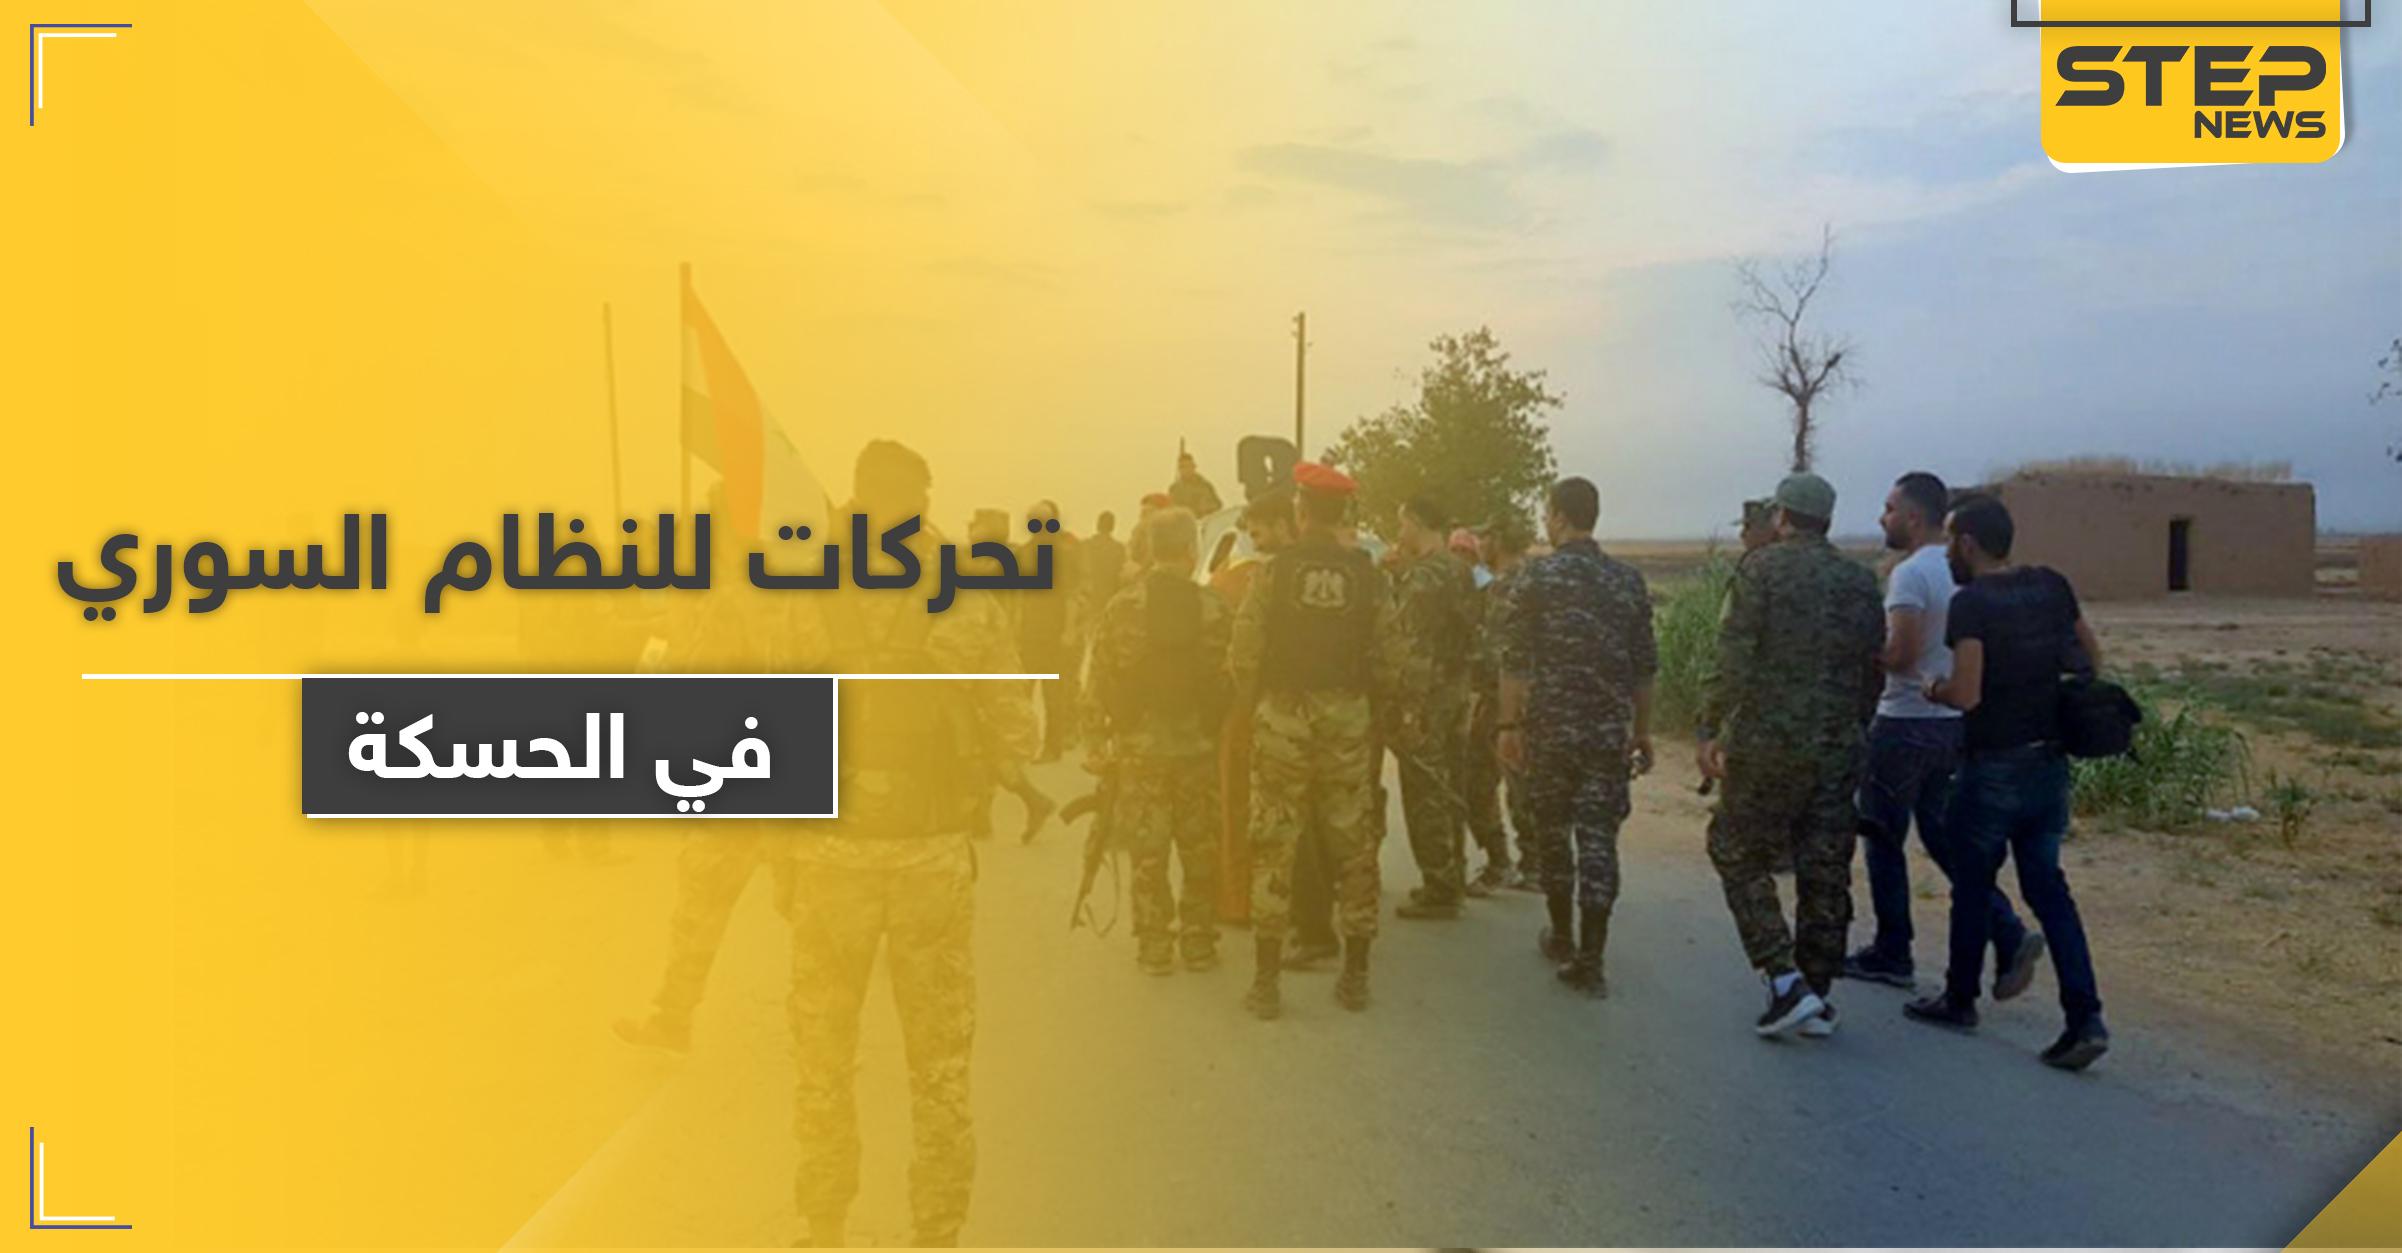 الروس يجبرون قوات النظام السوري على الانسحاب من مواقع عسكرية بعد اعتراضهم لدورية أمريكية